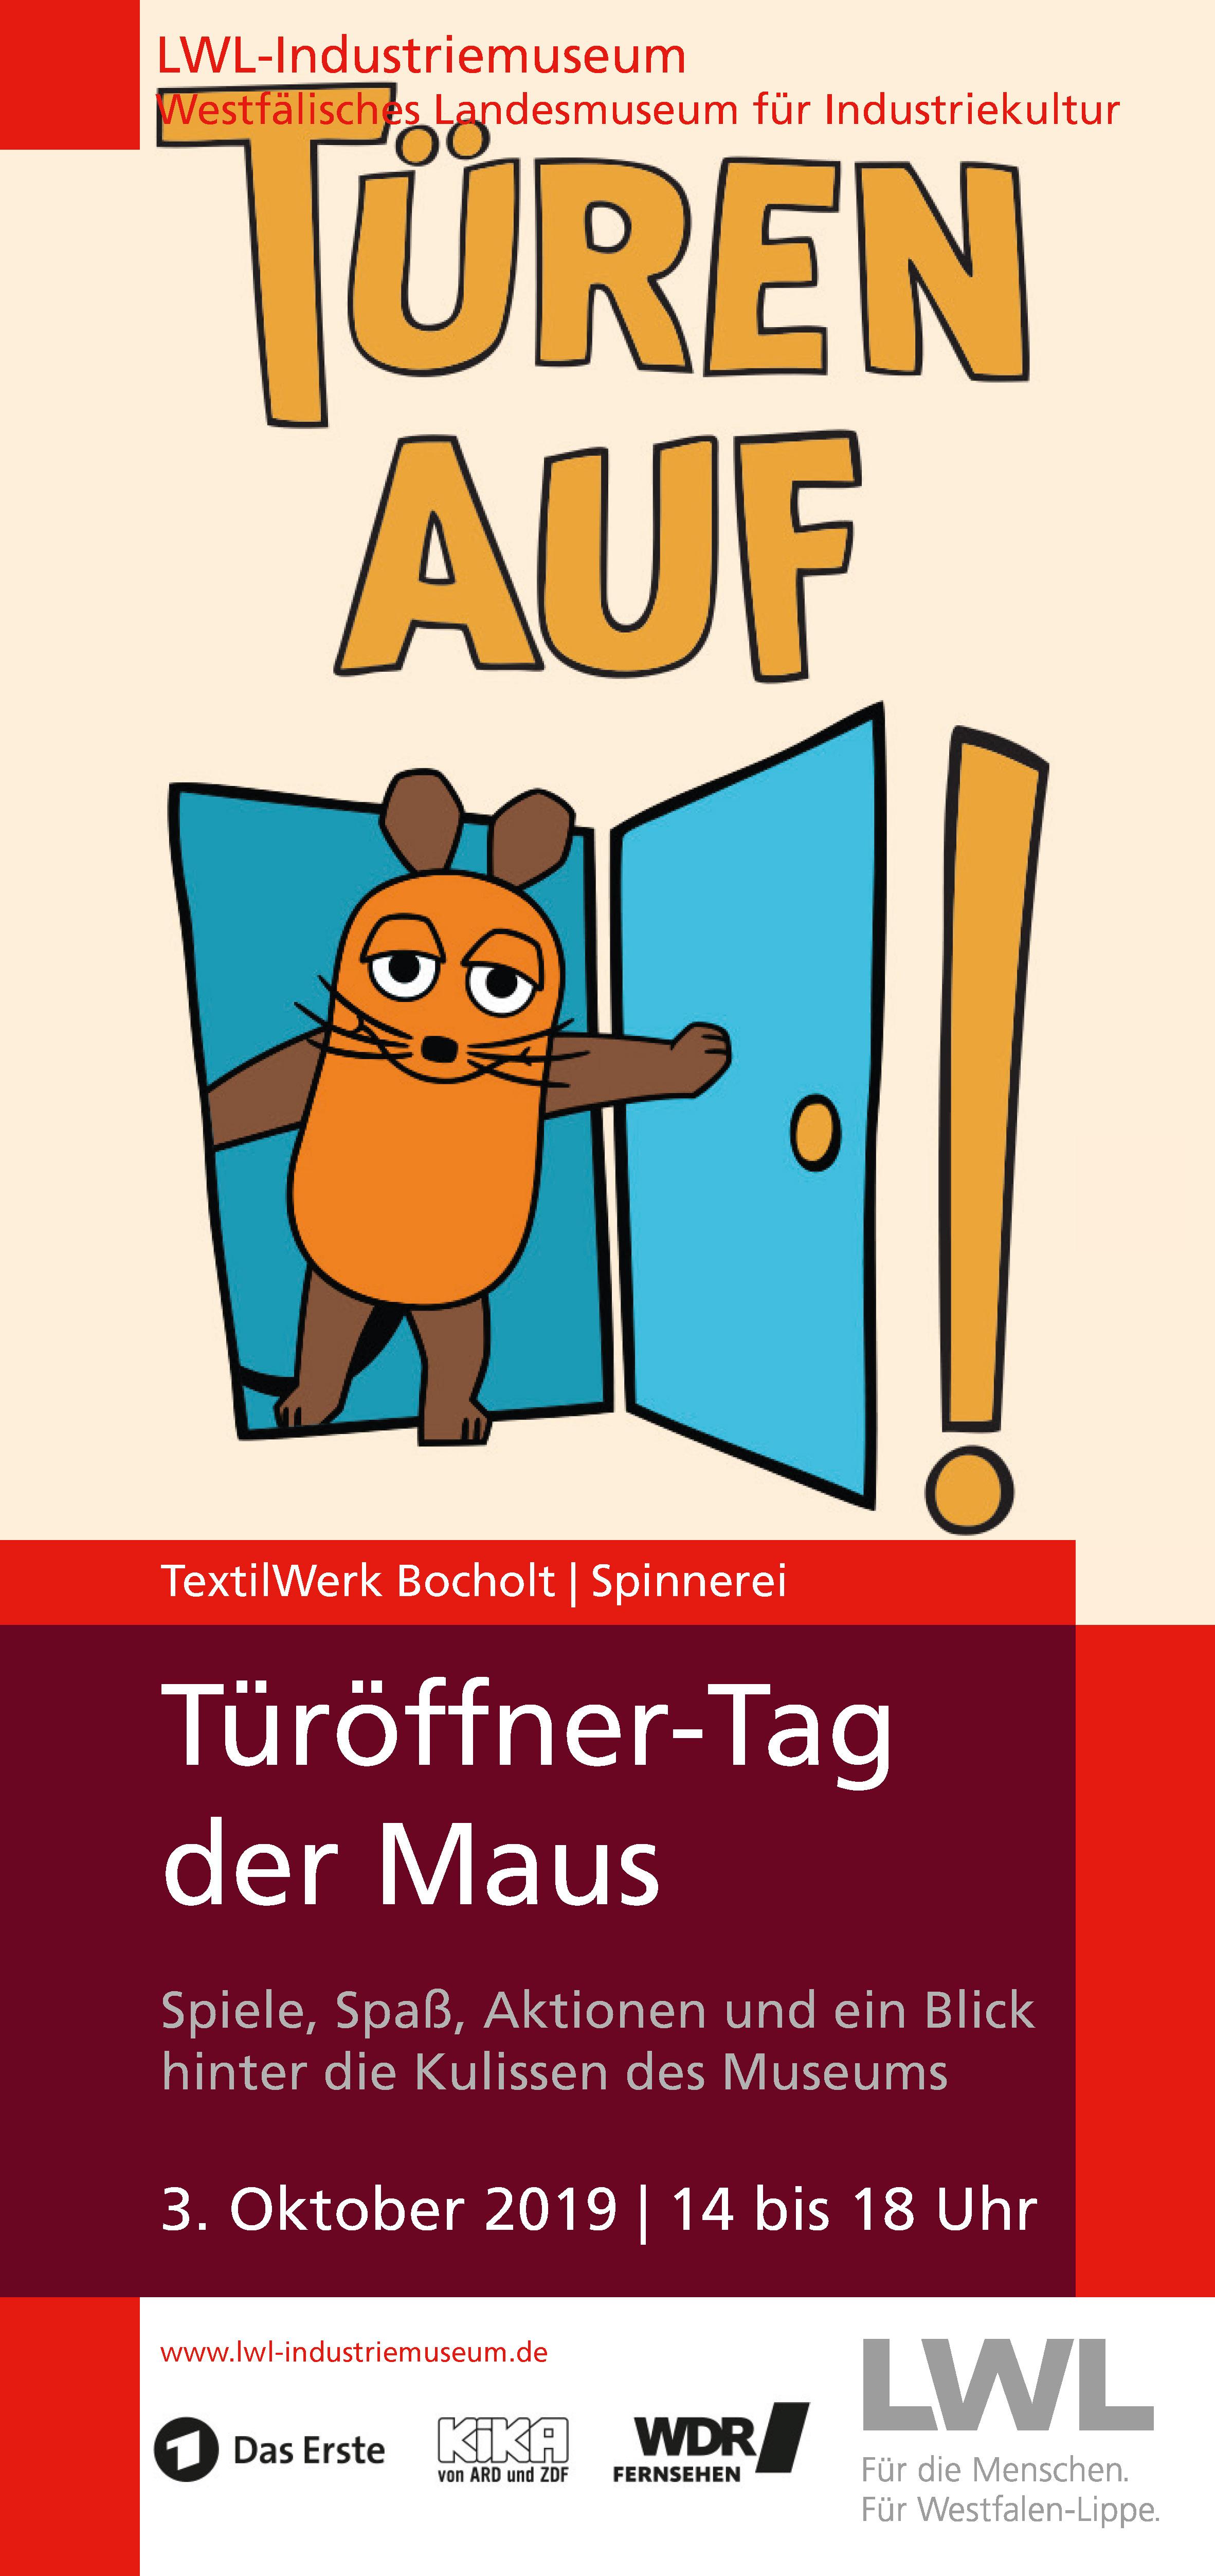 Türöffner-Tag der Maus am 3.10.2019 im TextilWerk